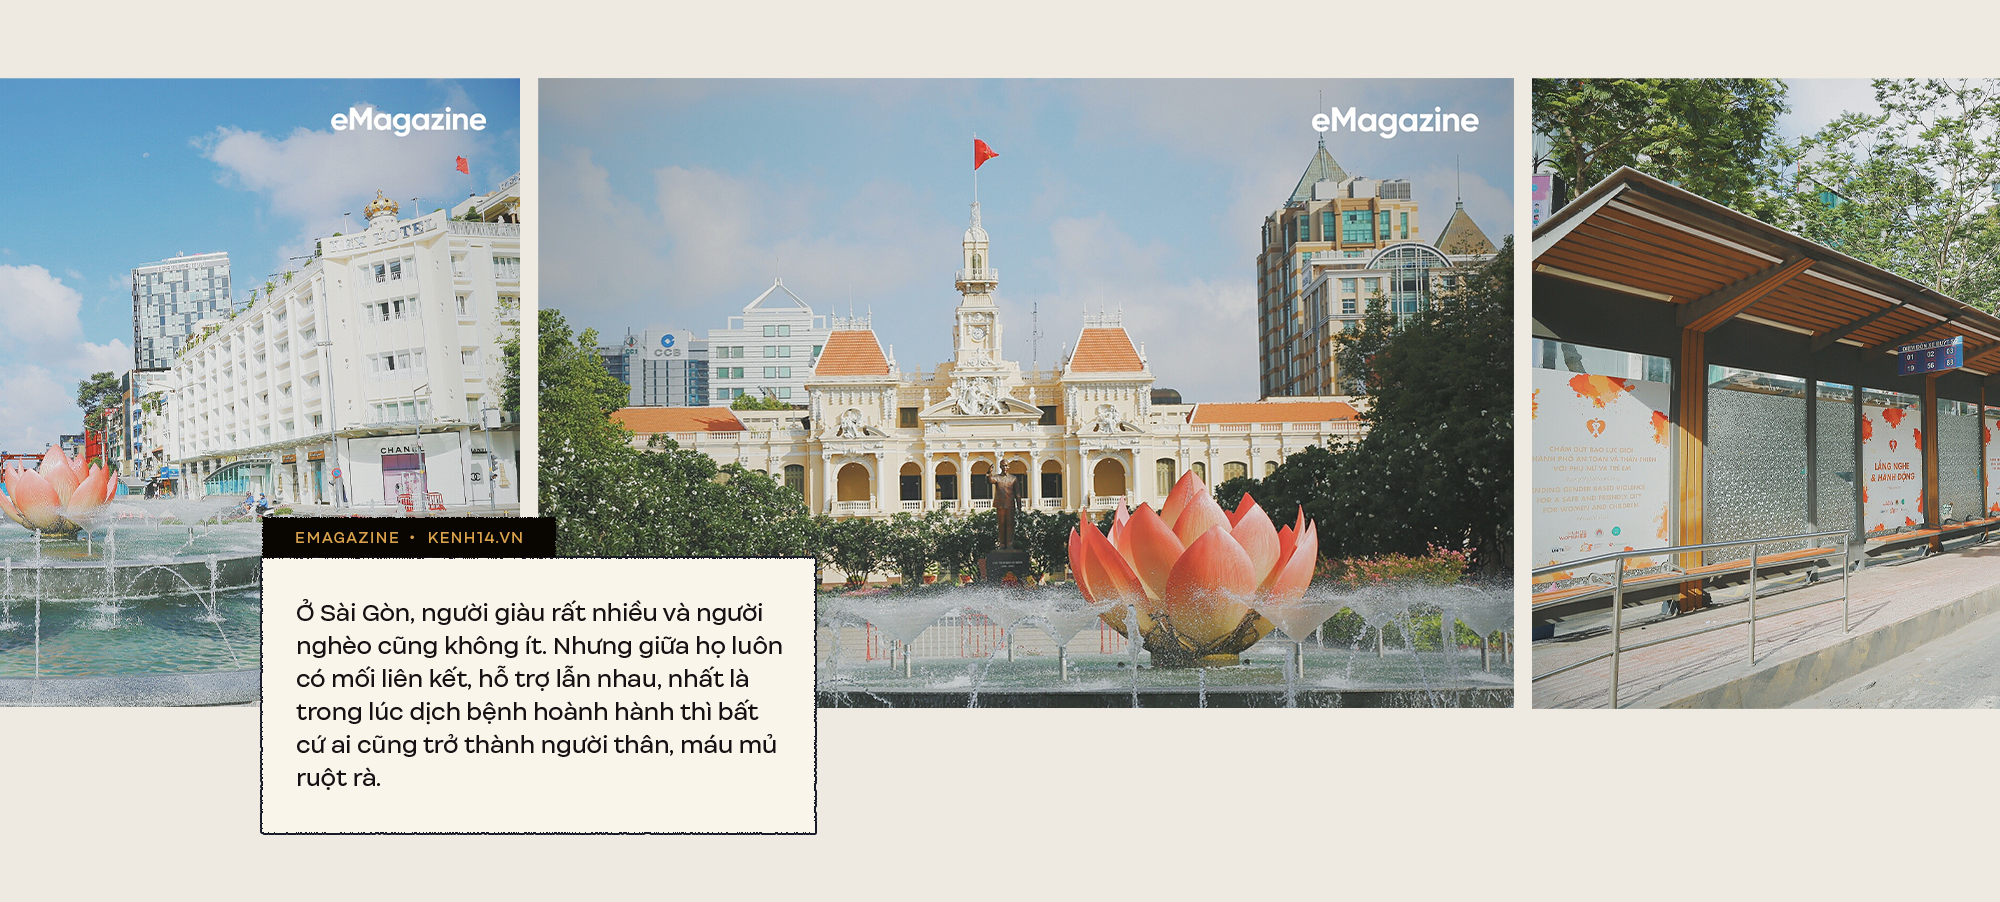 Từ những đôi mắt rớm đỏ ở Sài Gòn: Mọi người rủ nhau làm từ thiện, sẽ không có ai bị bỏ lại đằng sau - Ảnh 4.